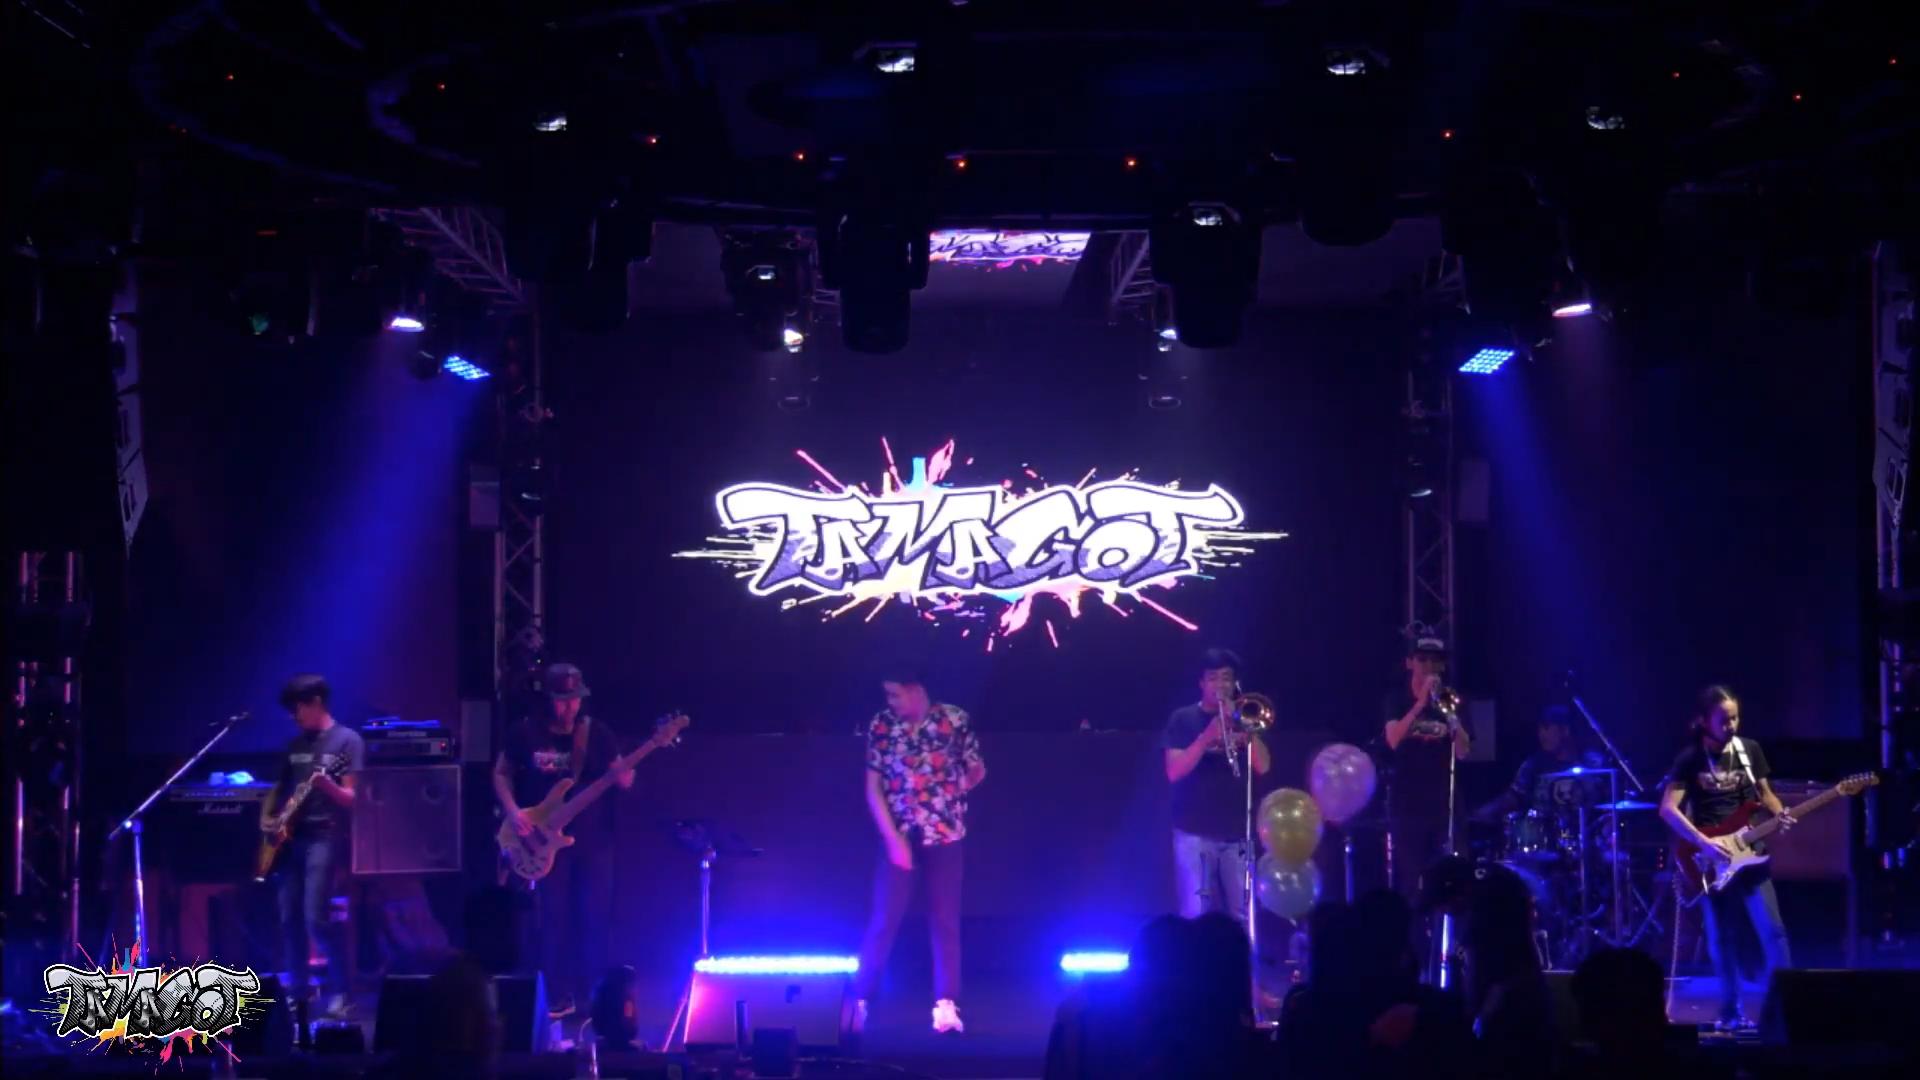 บอกกันตรงๆ - TAMAGOT (Live in 24bar)